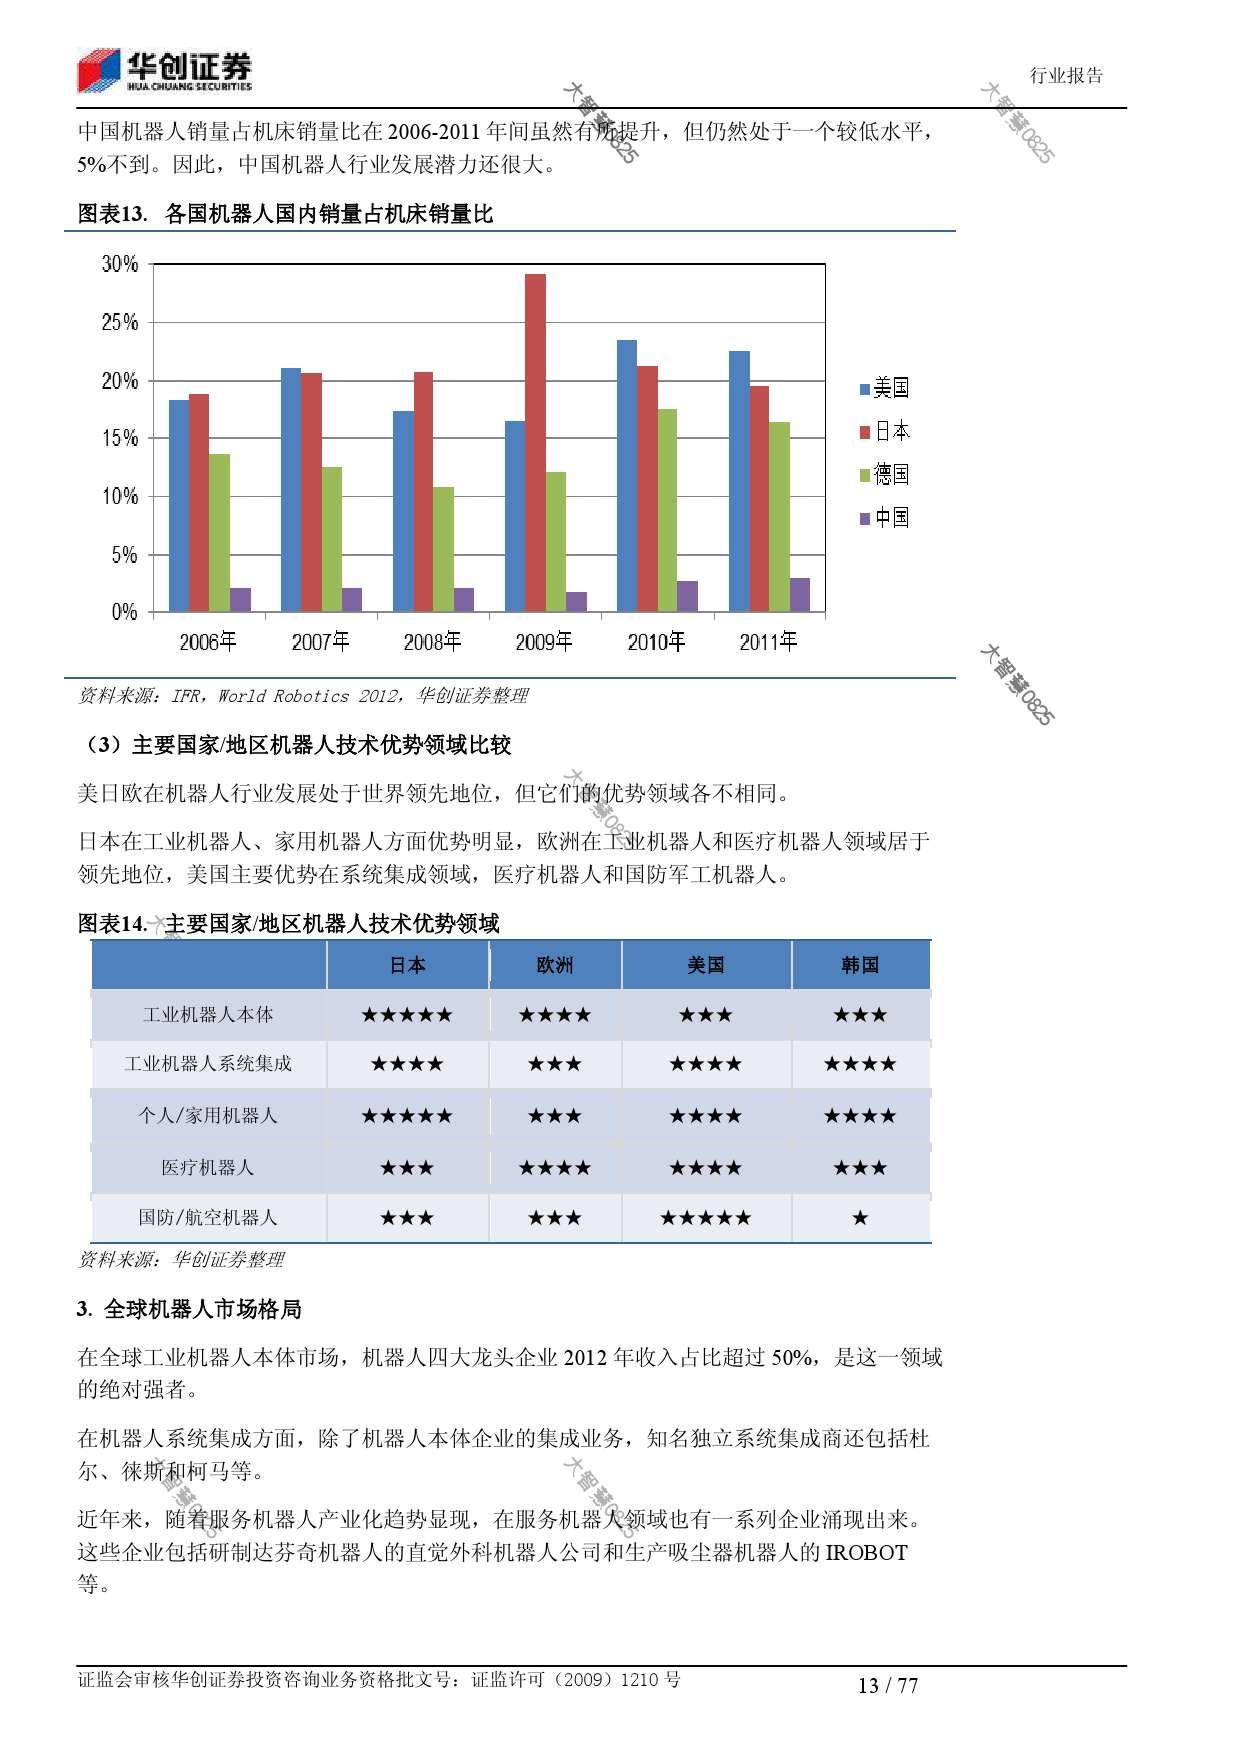 行业研究_华创证券_刘国清,鲁佩_机械设备:机器人大趋势_2014021_000013